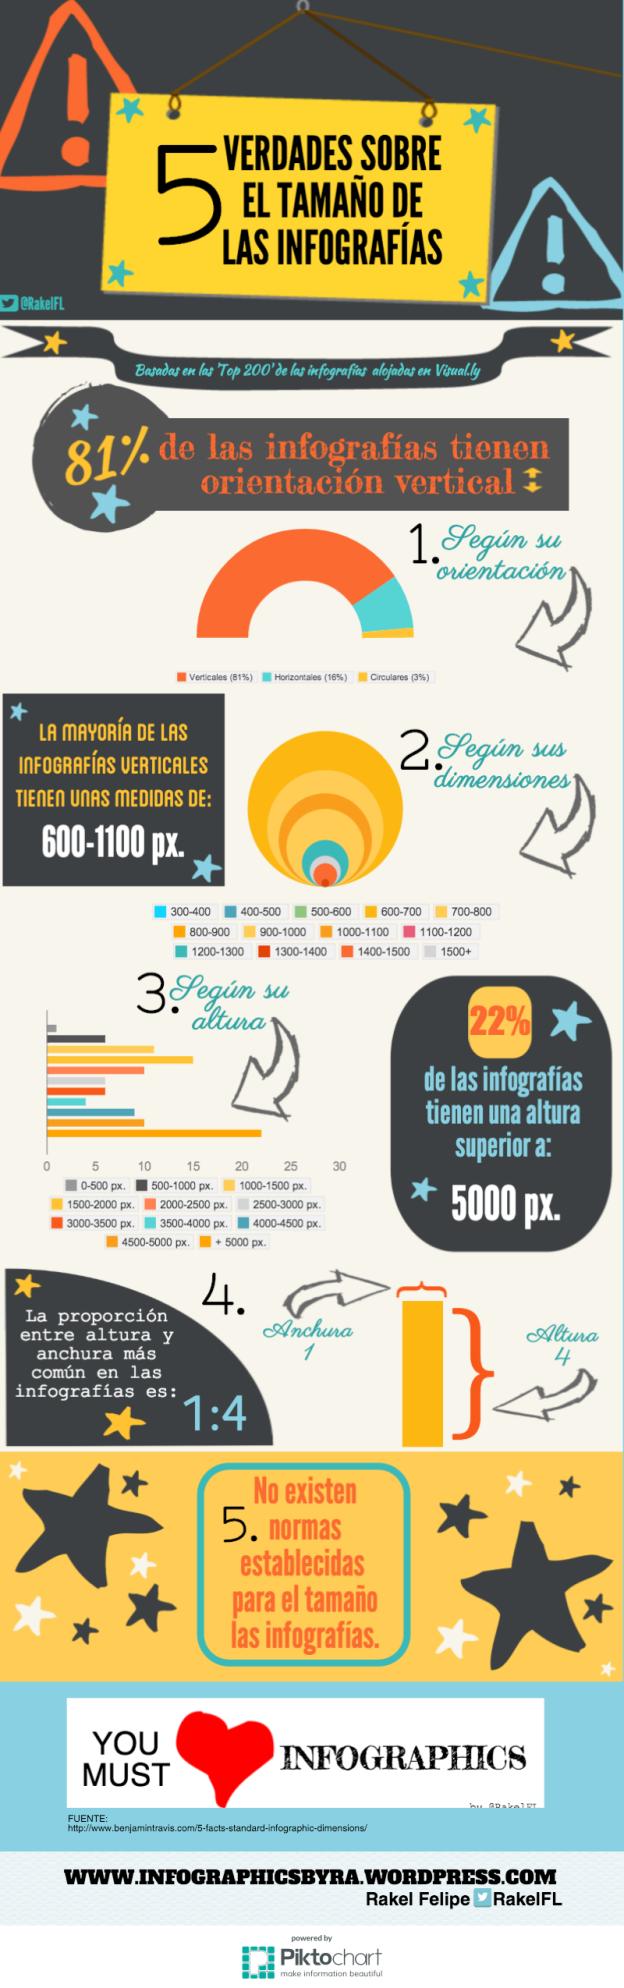 5-verdades-sobre-el-tamano-de-infografias-by-rakel-felipe